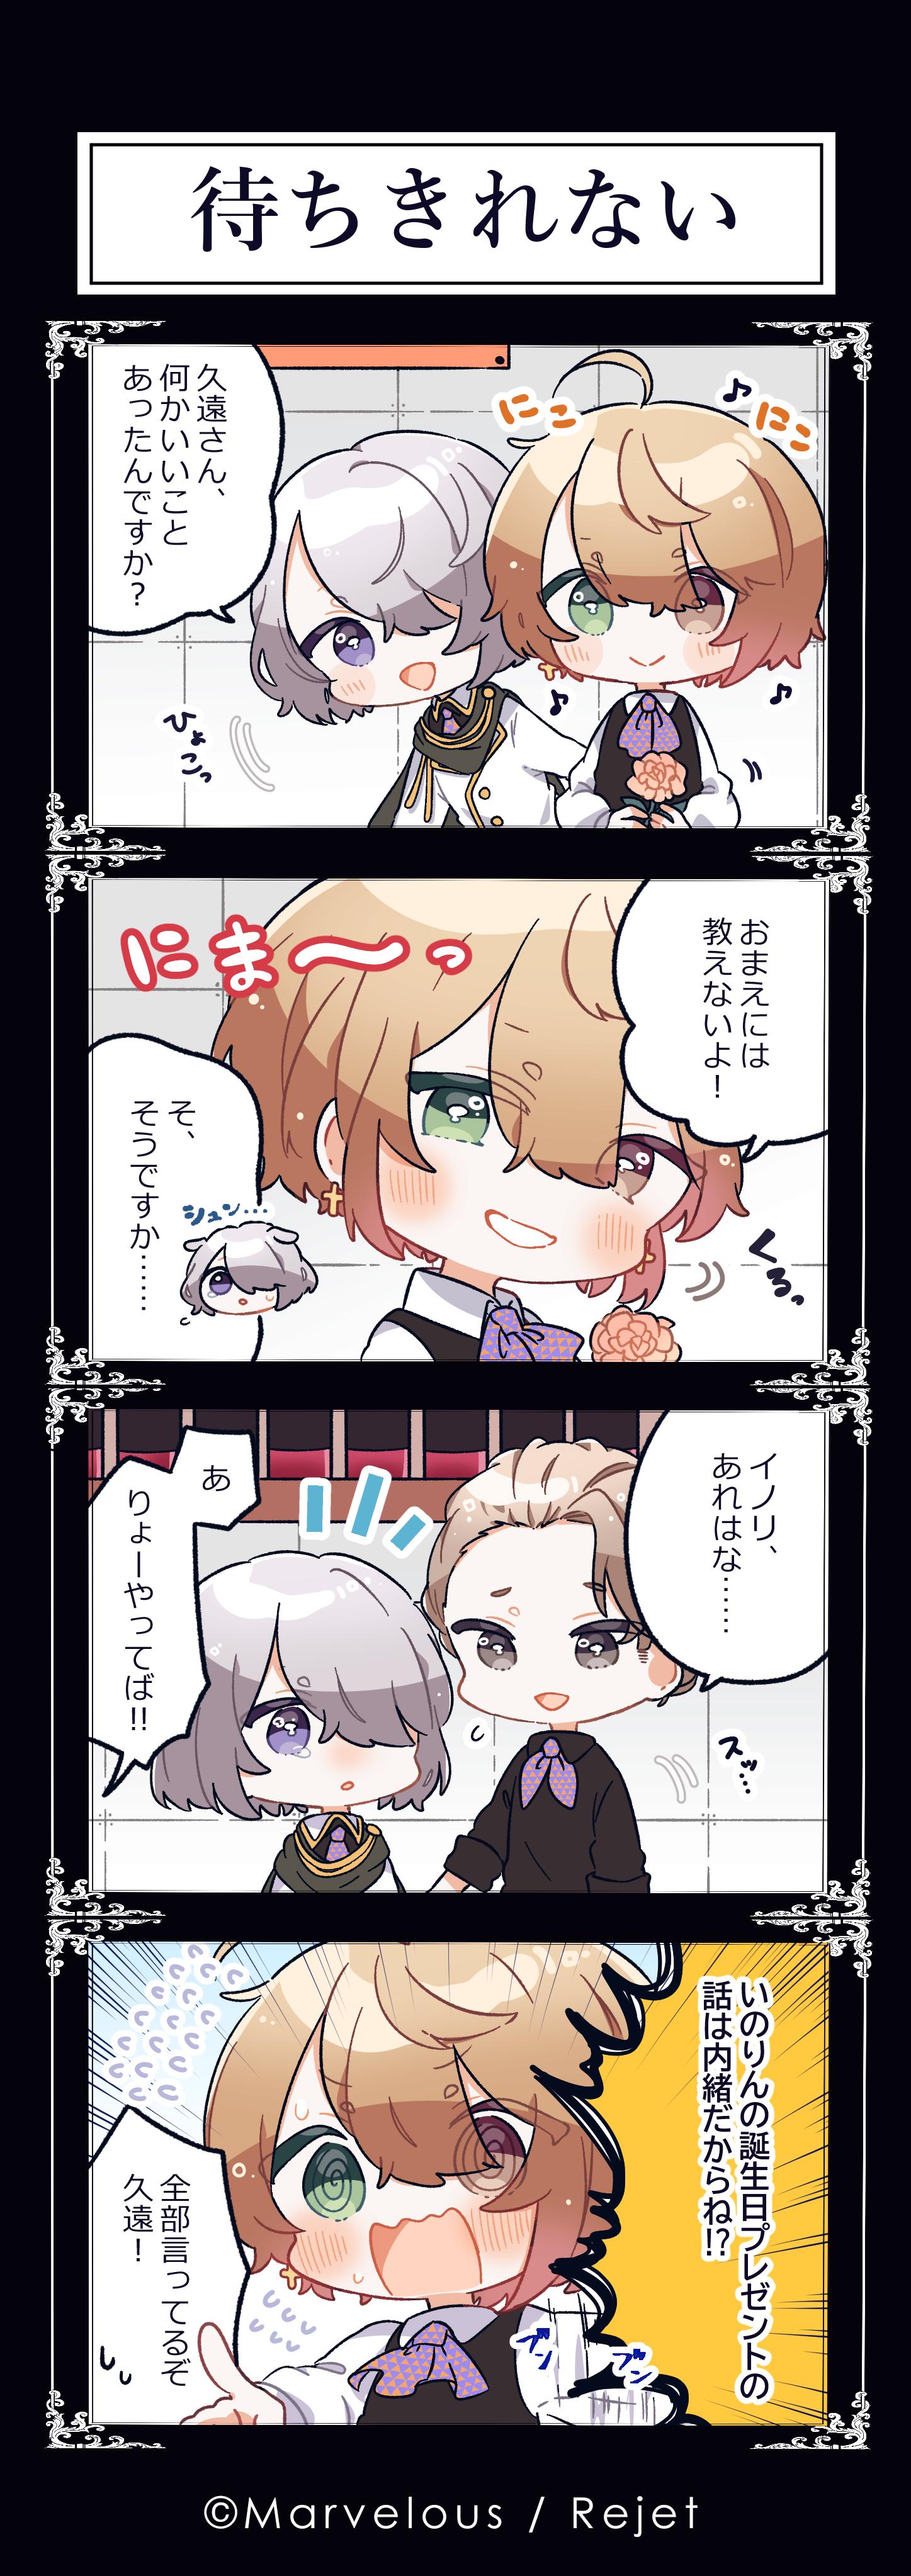 【10月投稿分】mawoko_FN4コマ1 (1).png